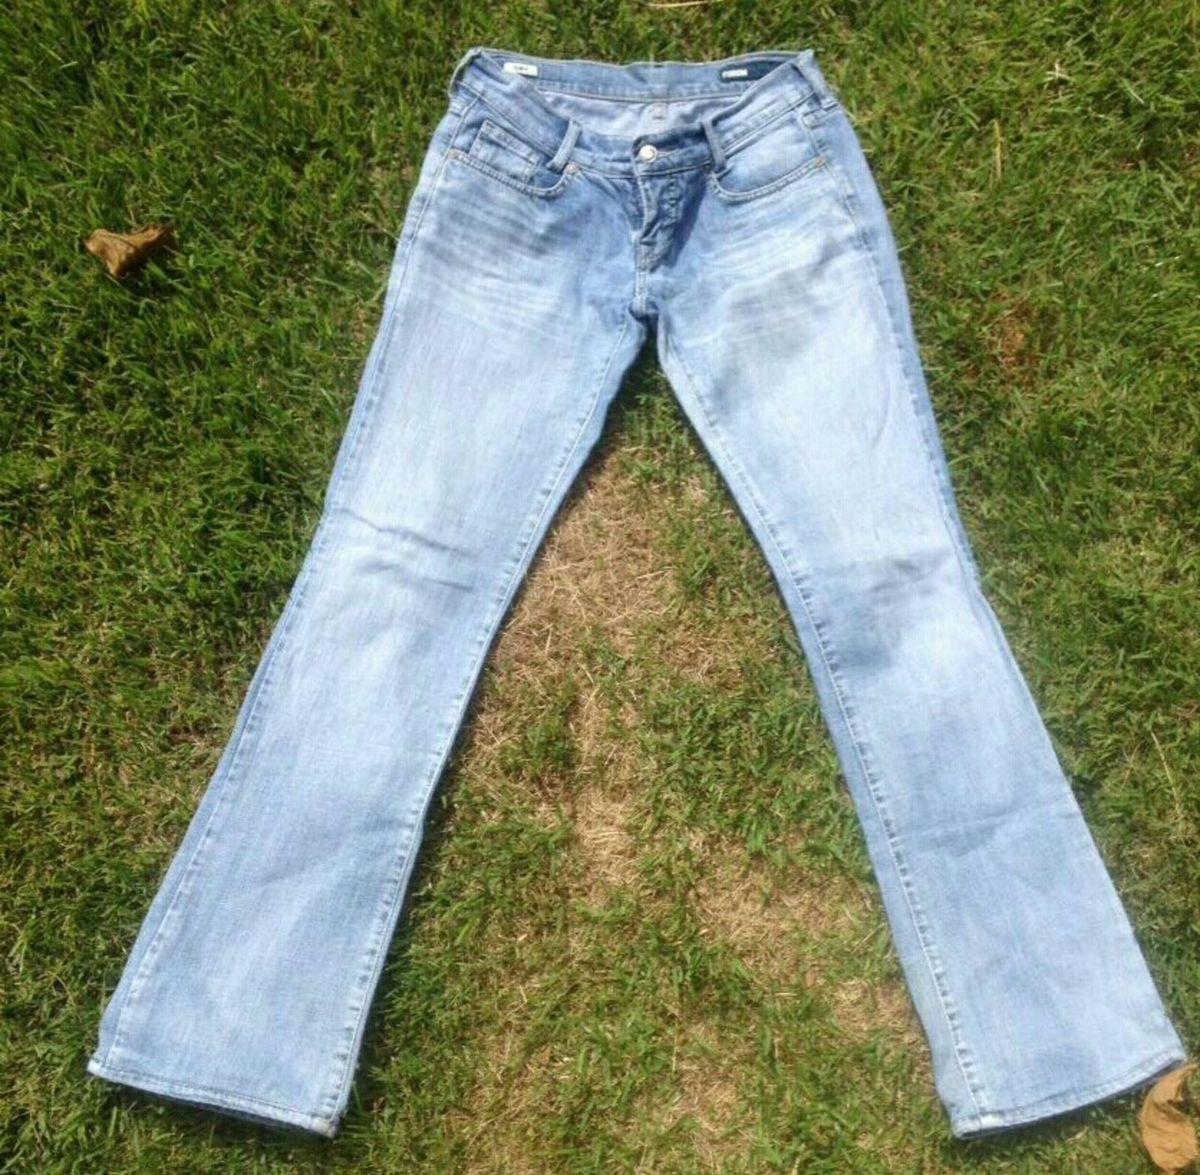 a83b9d151 ... da calca mais linda do mundo - calças forum.  Czm6ly9wag90b3muzw5qb2vplmnvbs5ici9wcm9kdwn0cy85mja4mdmvody4zgvhzdzmywmyzdi1odgwnjc2ogfhzgrlotlhmjiuanbn